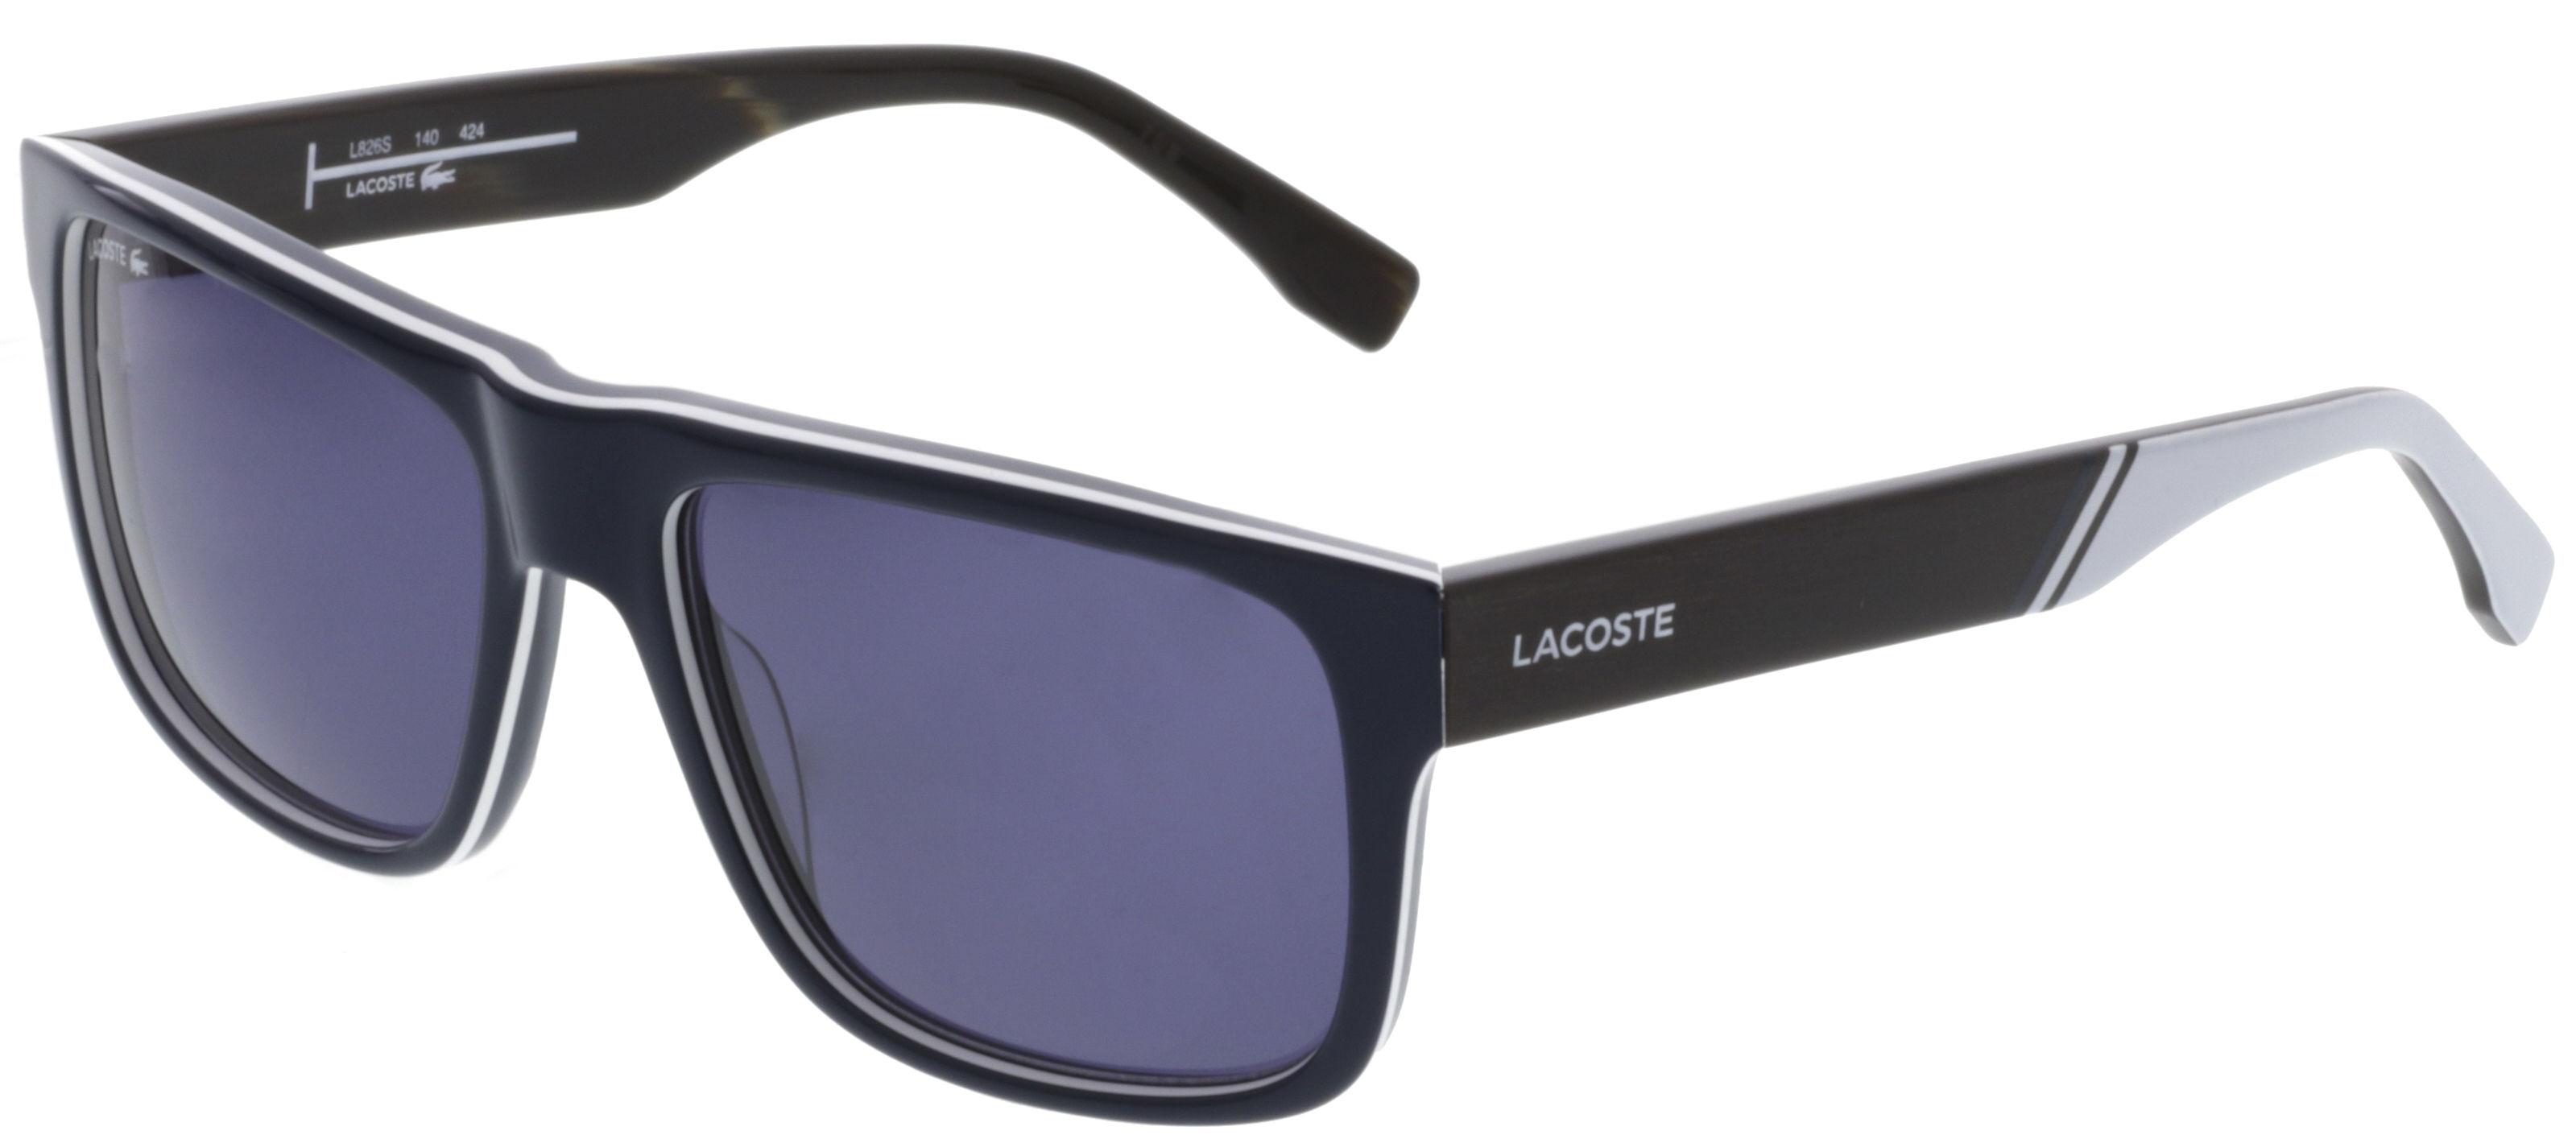 7e3e0ca31f5c New Lacoste L826S-424-5717 Blue 57mm Sunglasses 886895284530